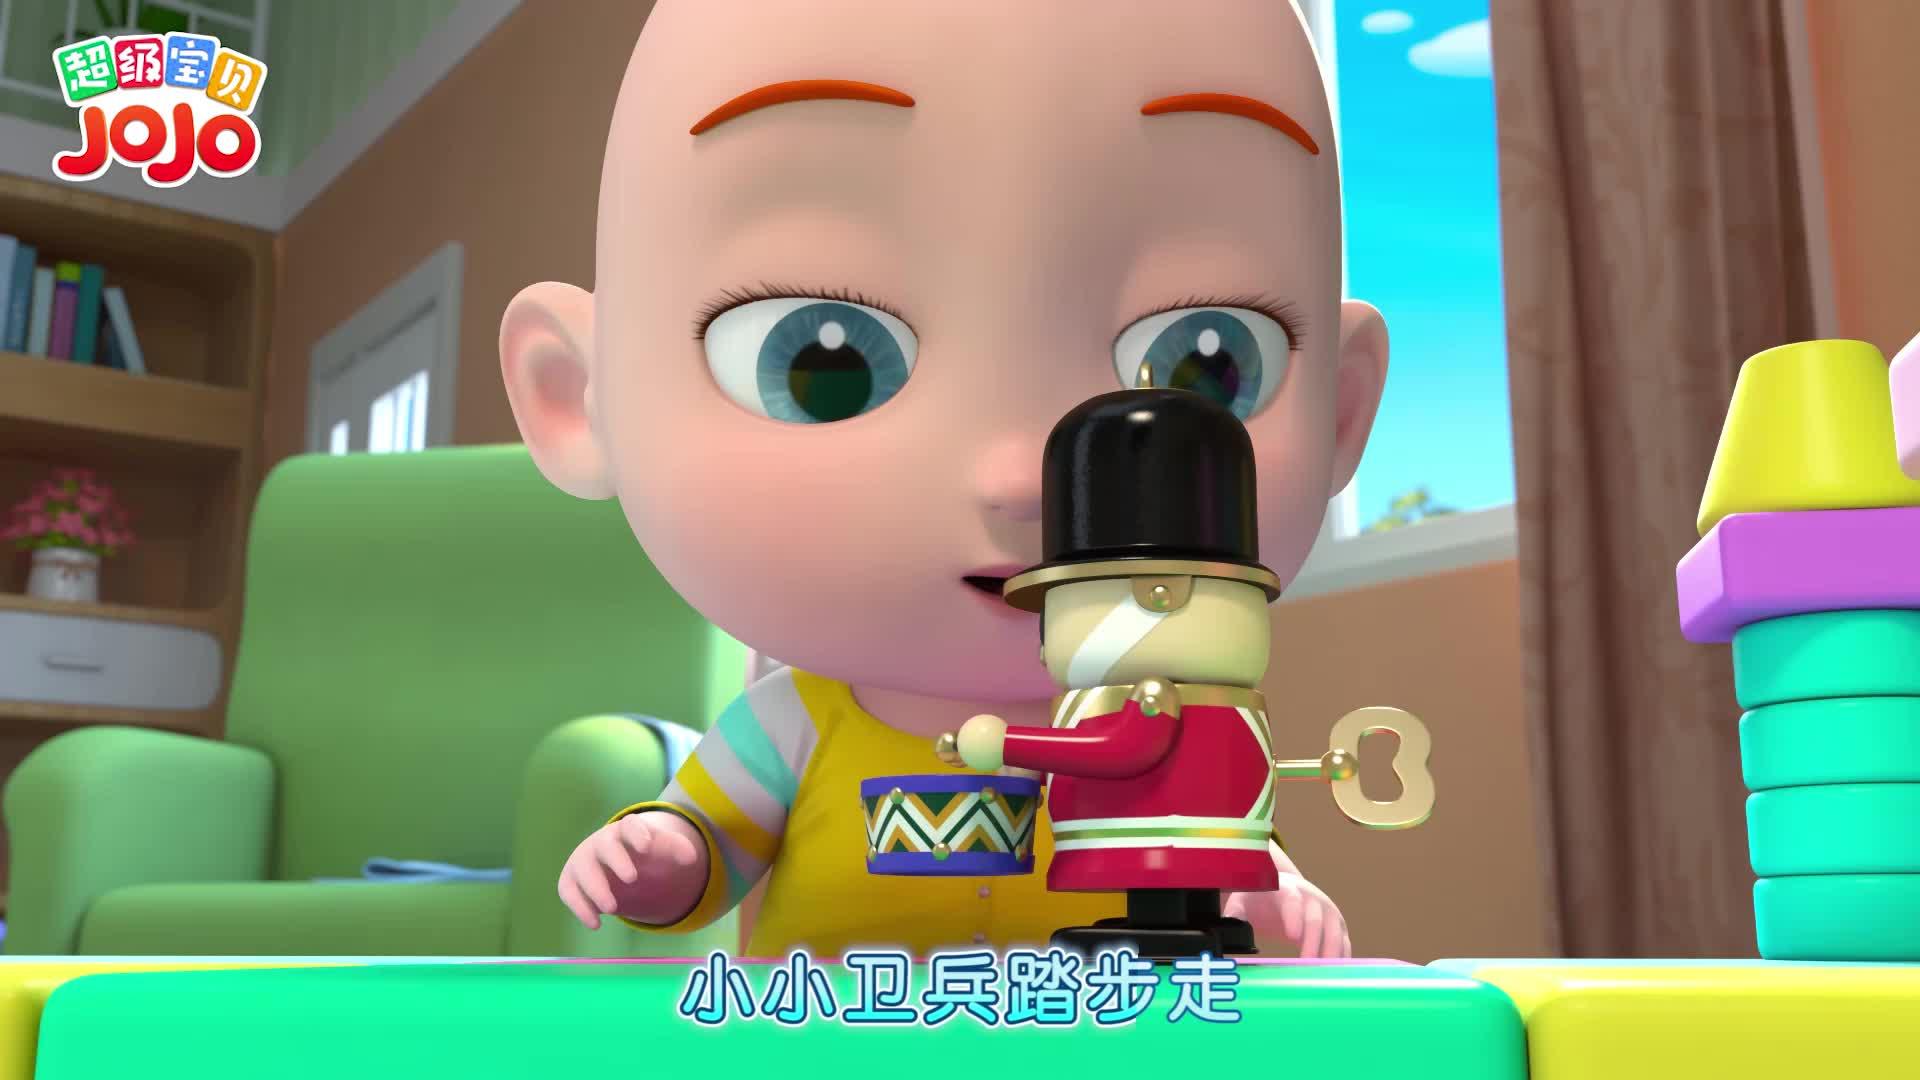 超级宝贝JOJO 第3集 一起玩积木